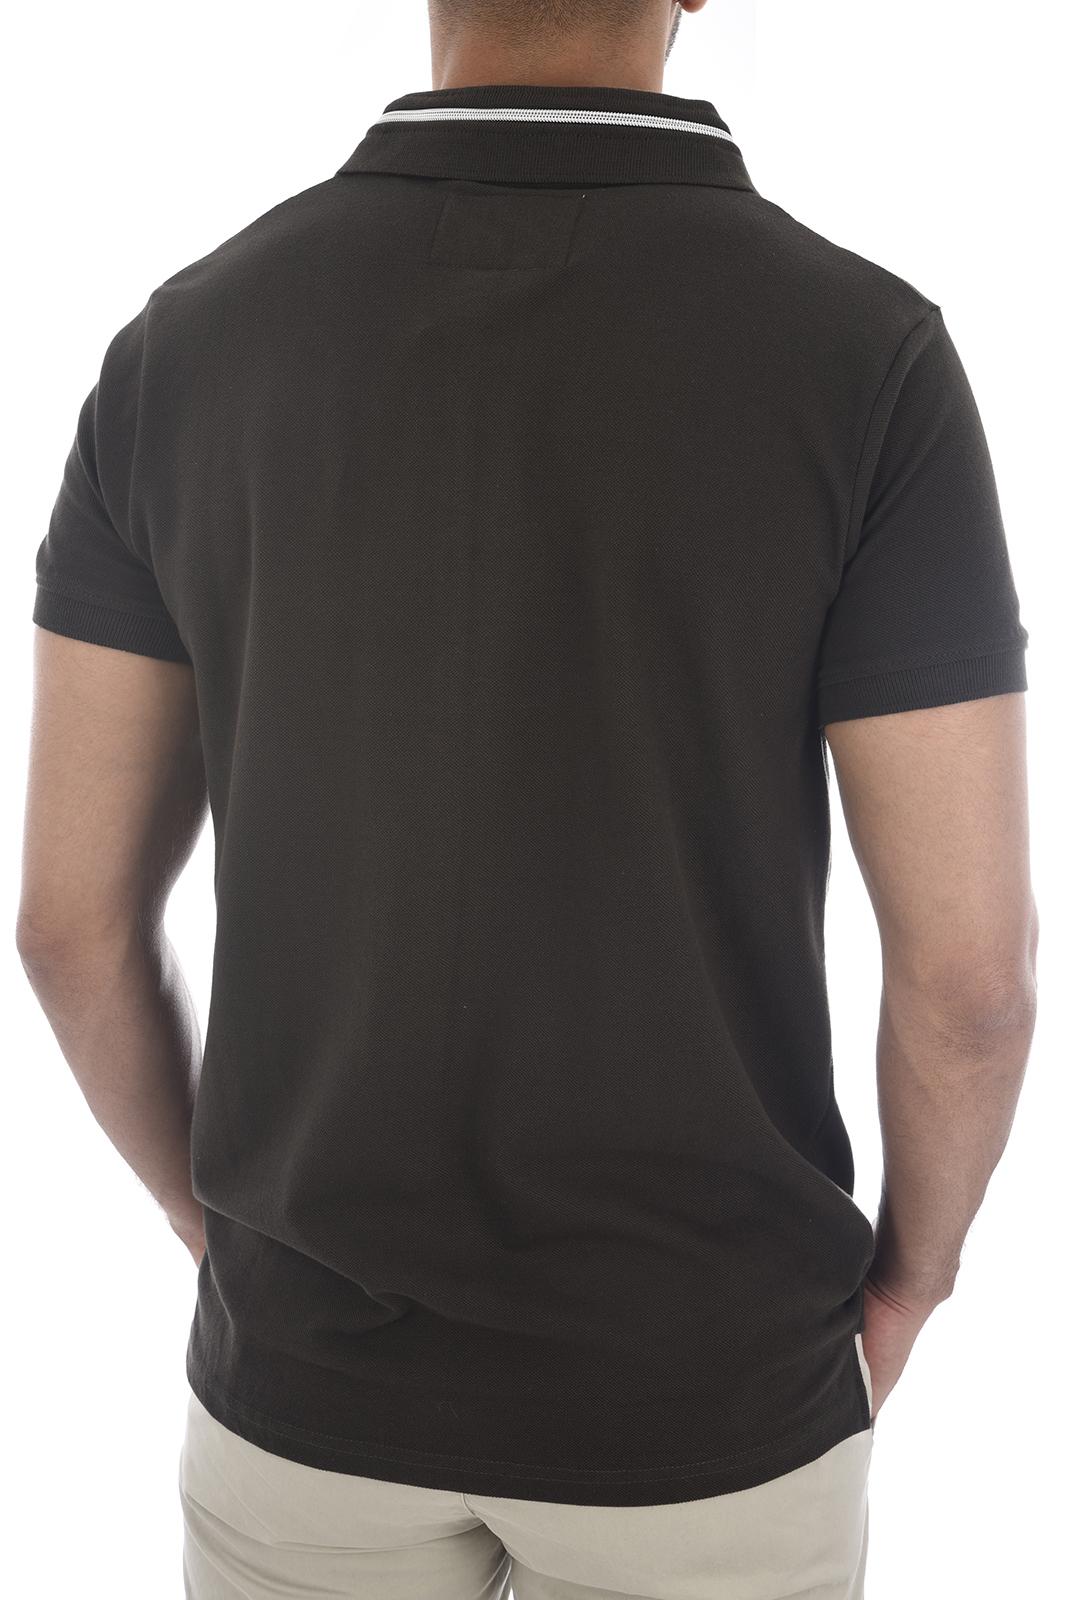 Tee-shirts  Hite couture PRISIER KAKI